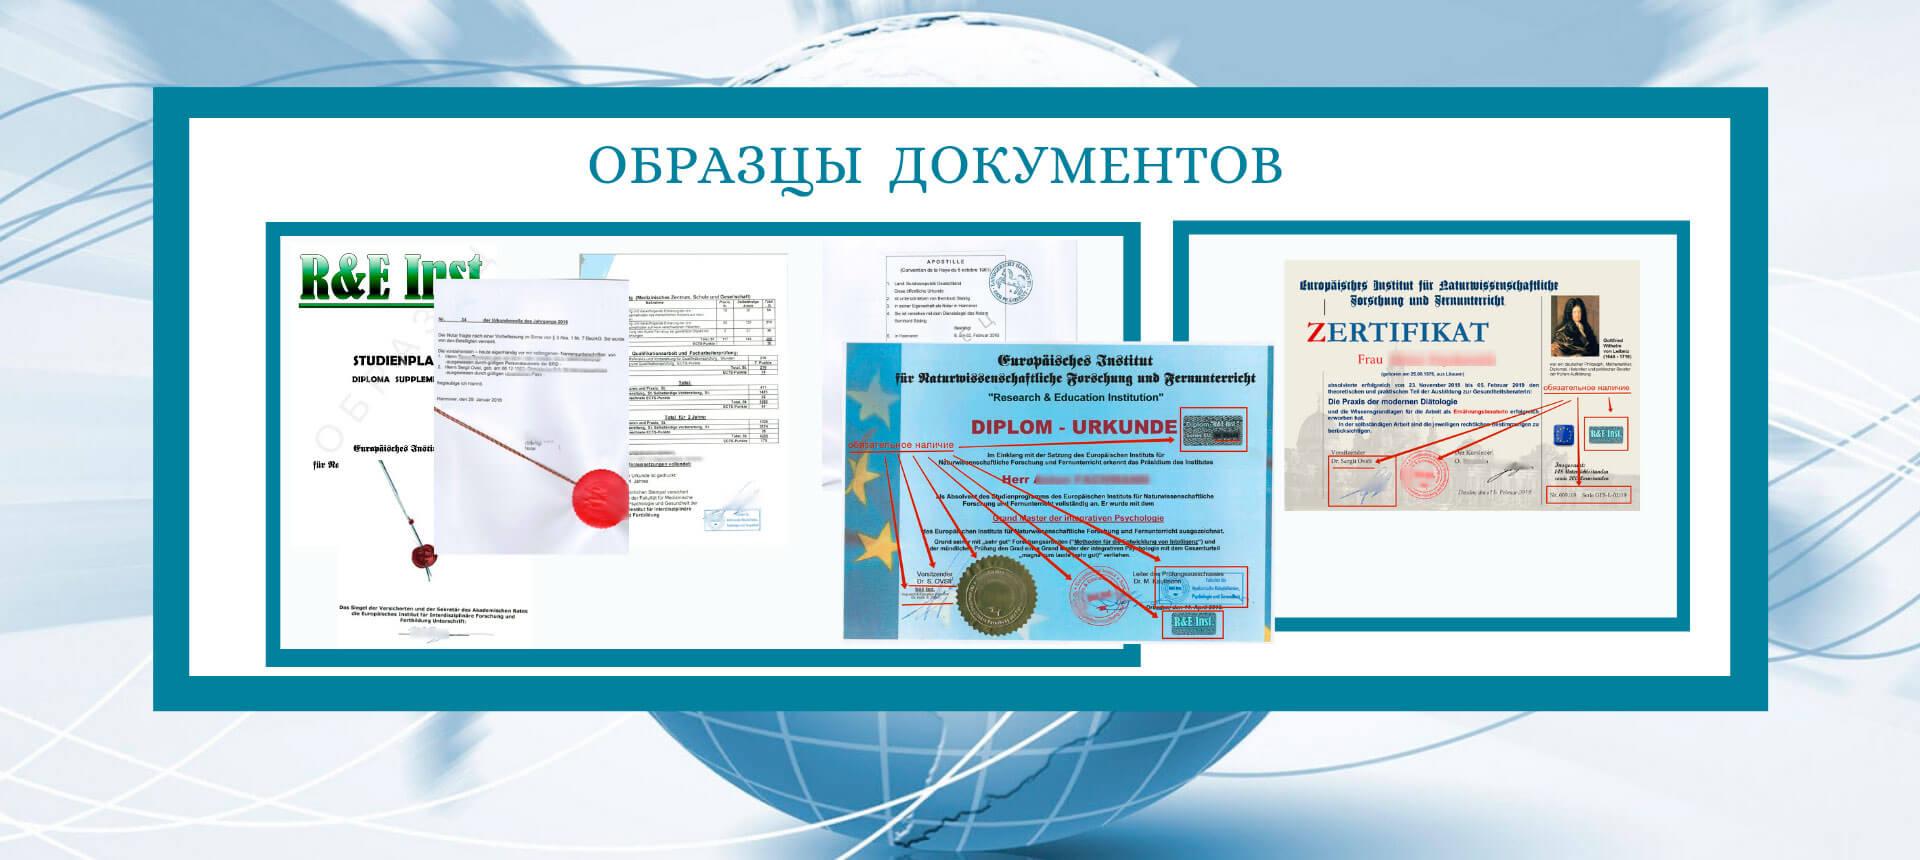 Сертификаты и дипломы euroinst.org